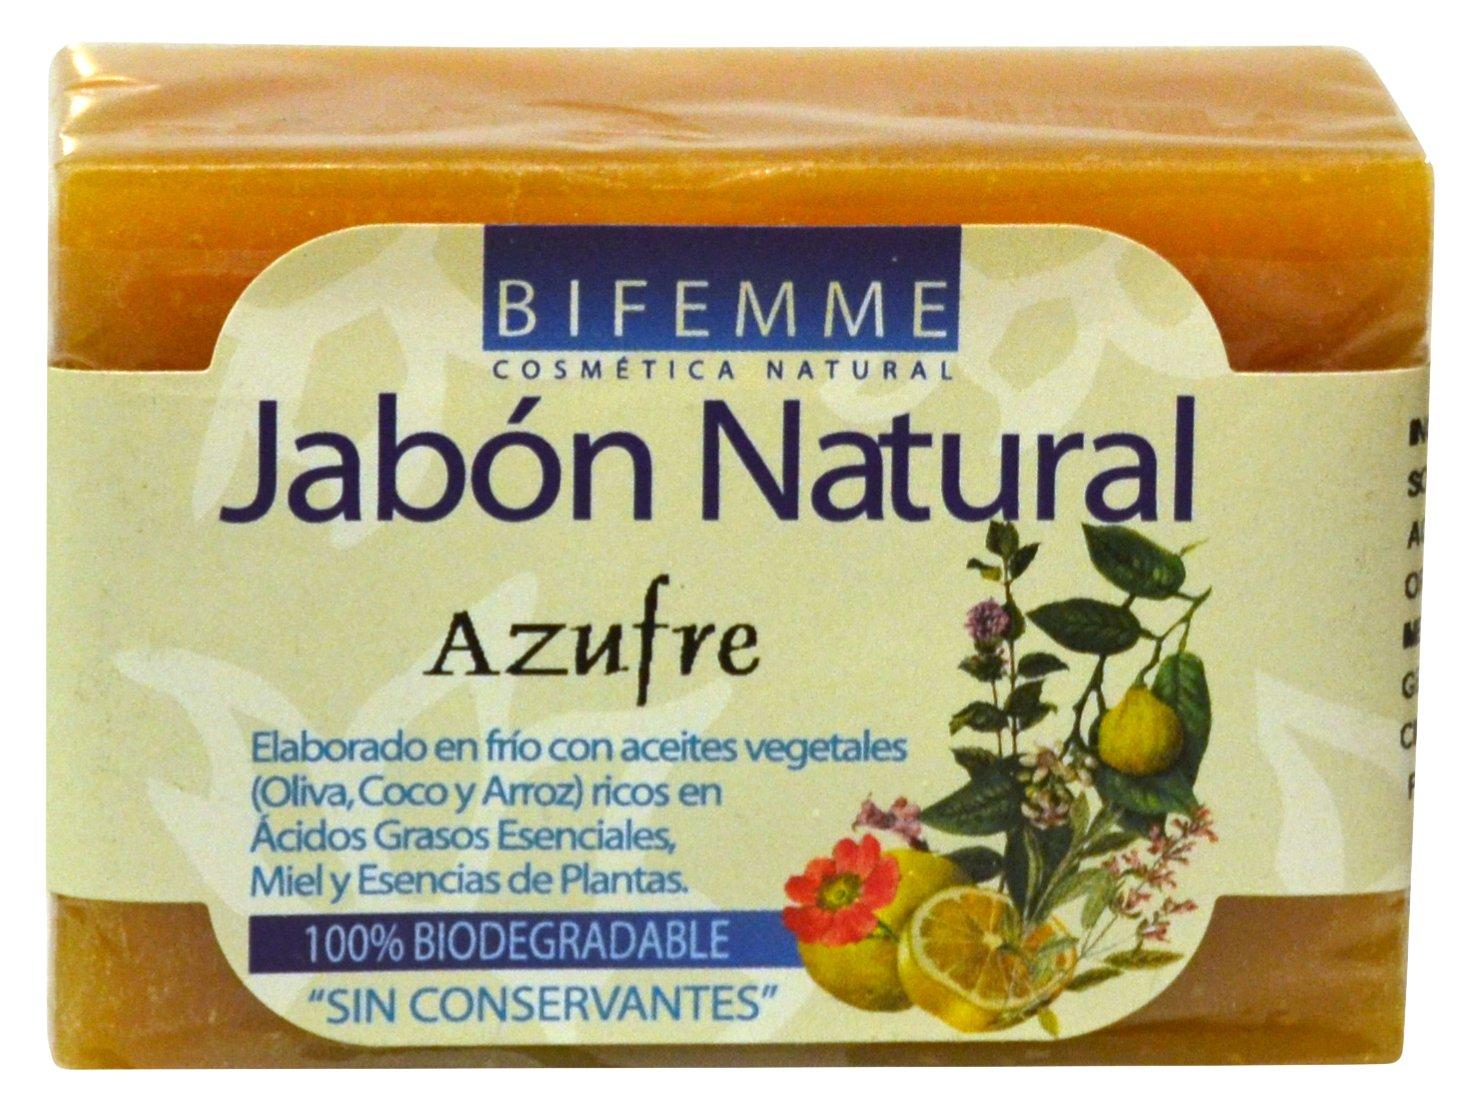 Bifemme Jabón azufre